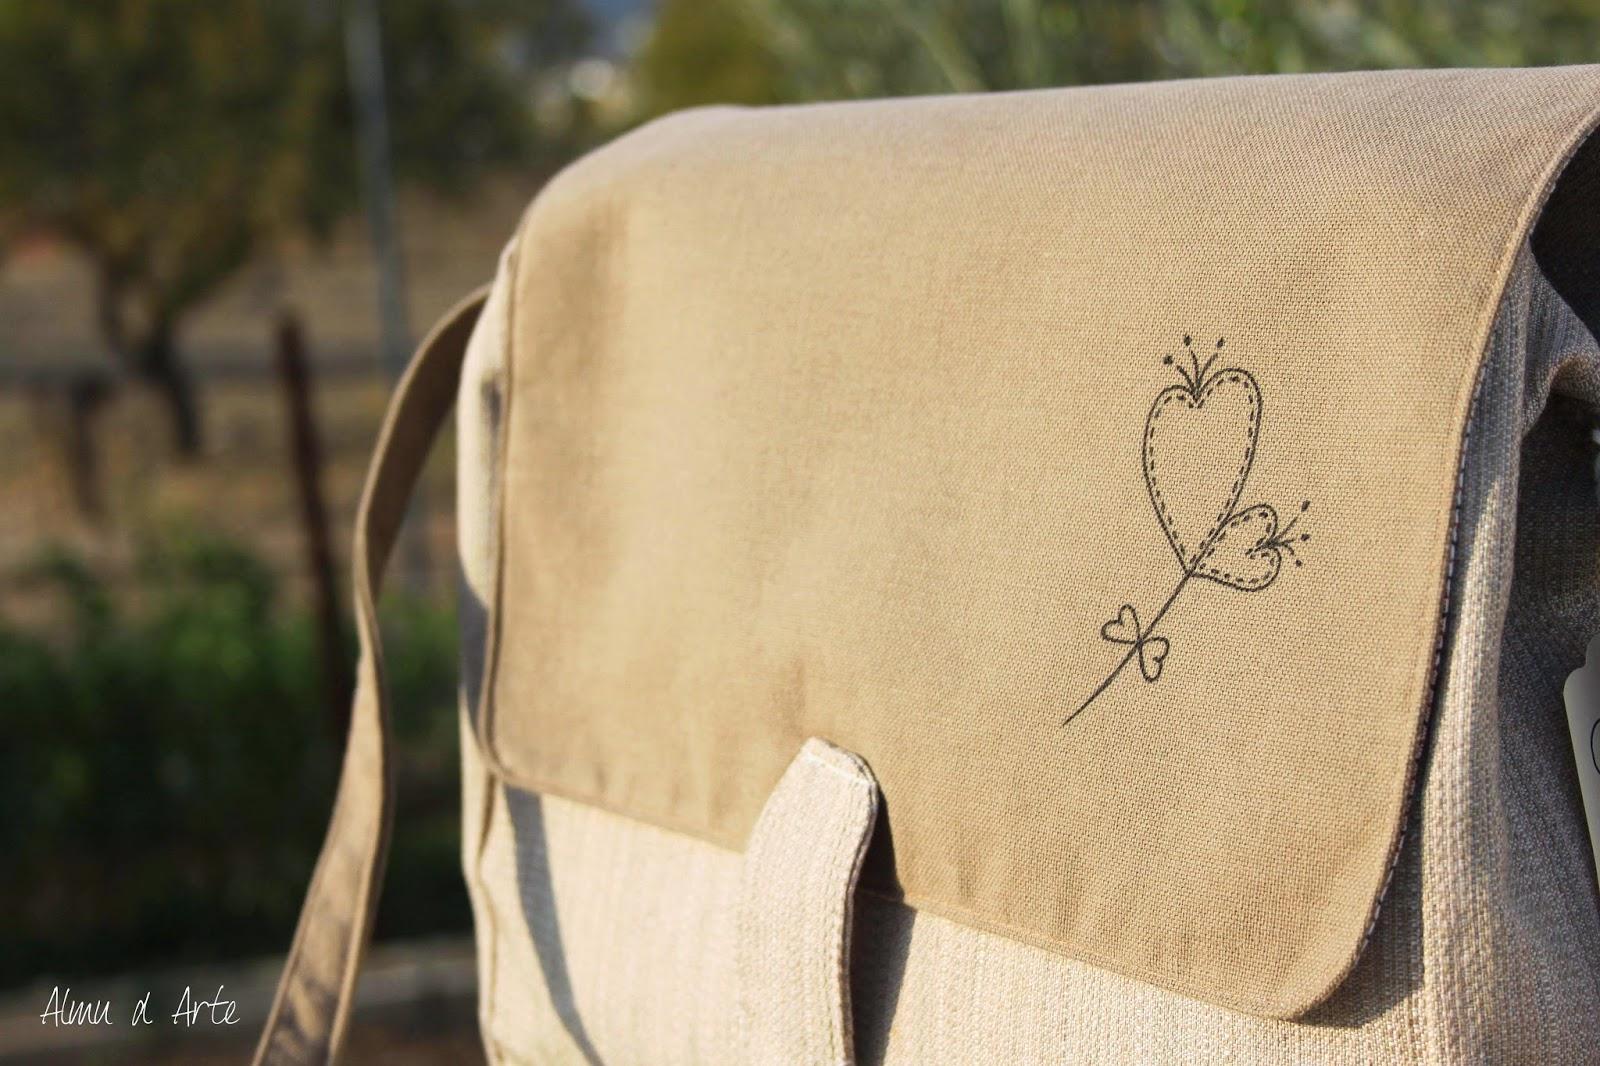 Bolso artesanal con dibujo pintado a mano en la solapa